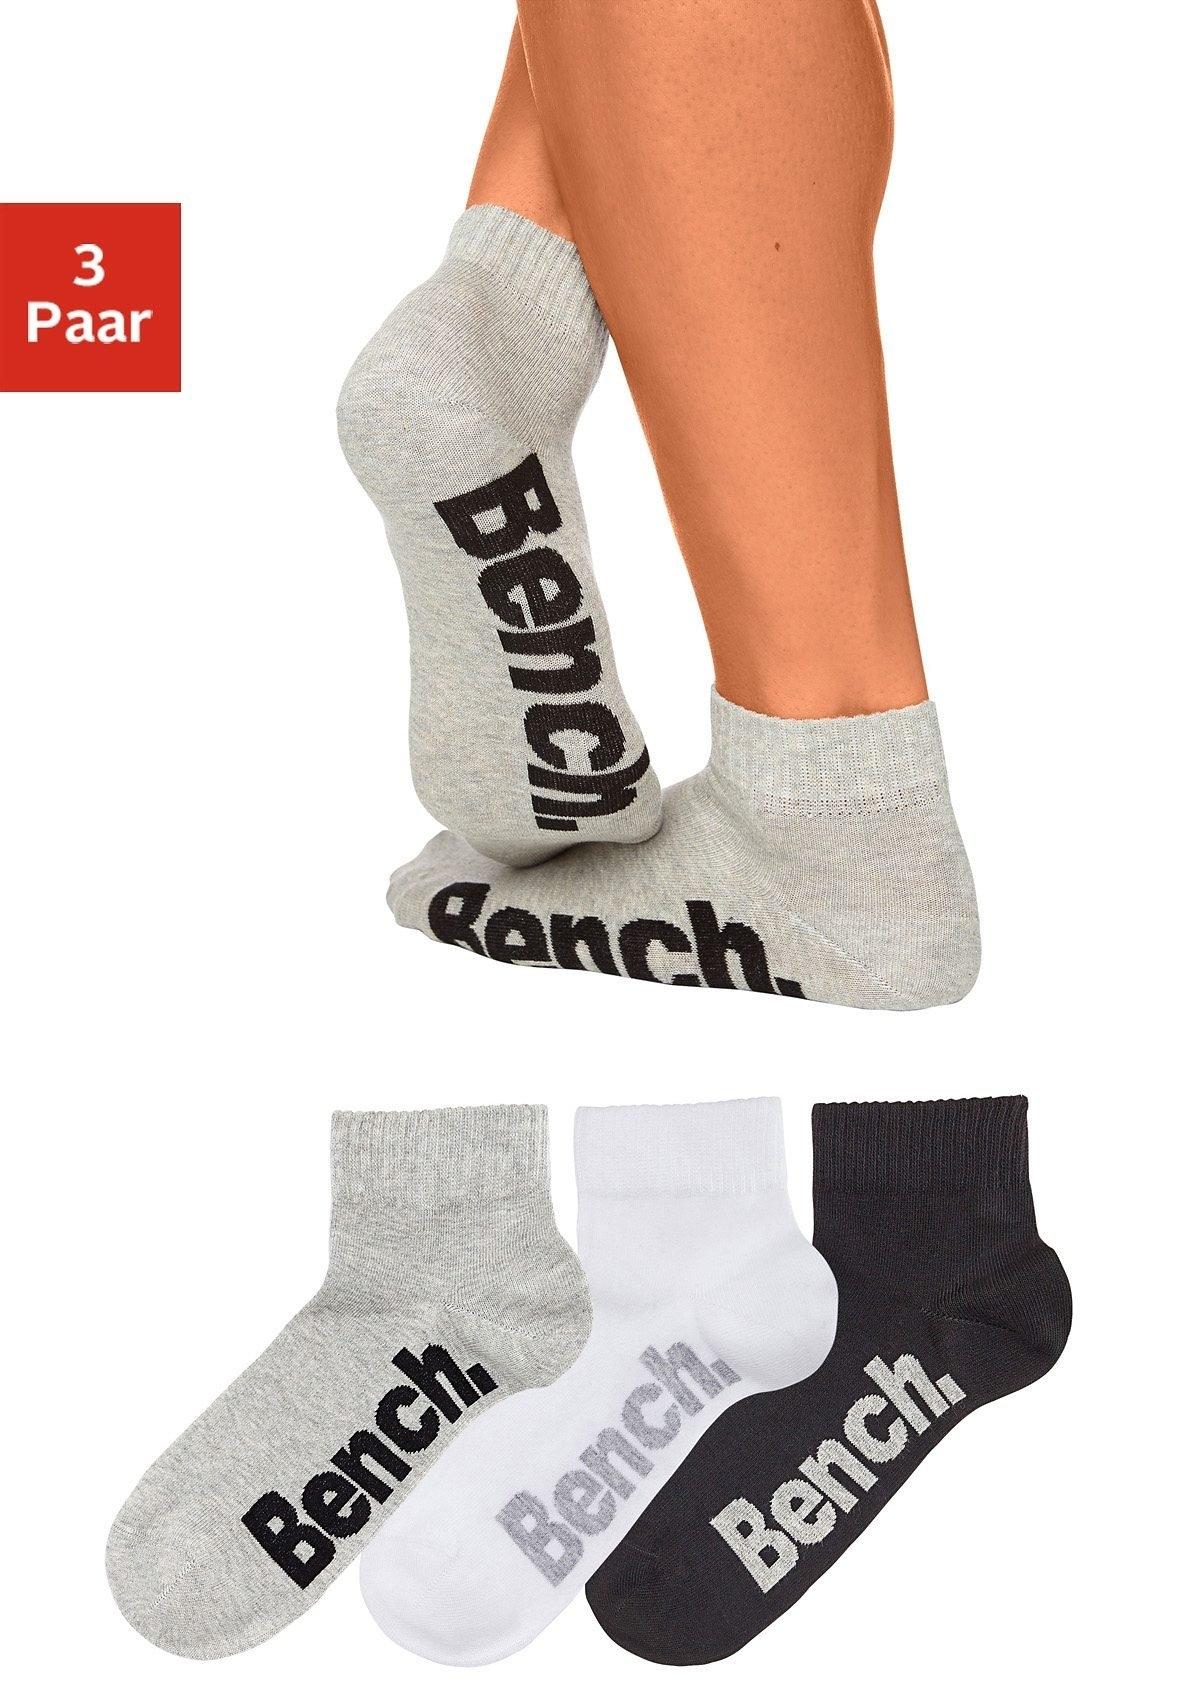 Bench. korte sokken met comfortabele ribboorden (3 paar) online kopen op otto.nl